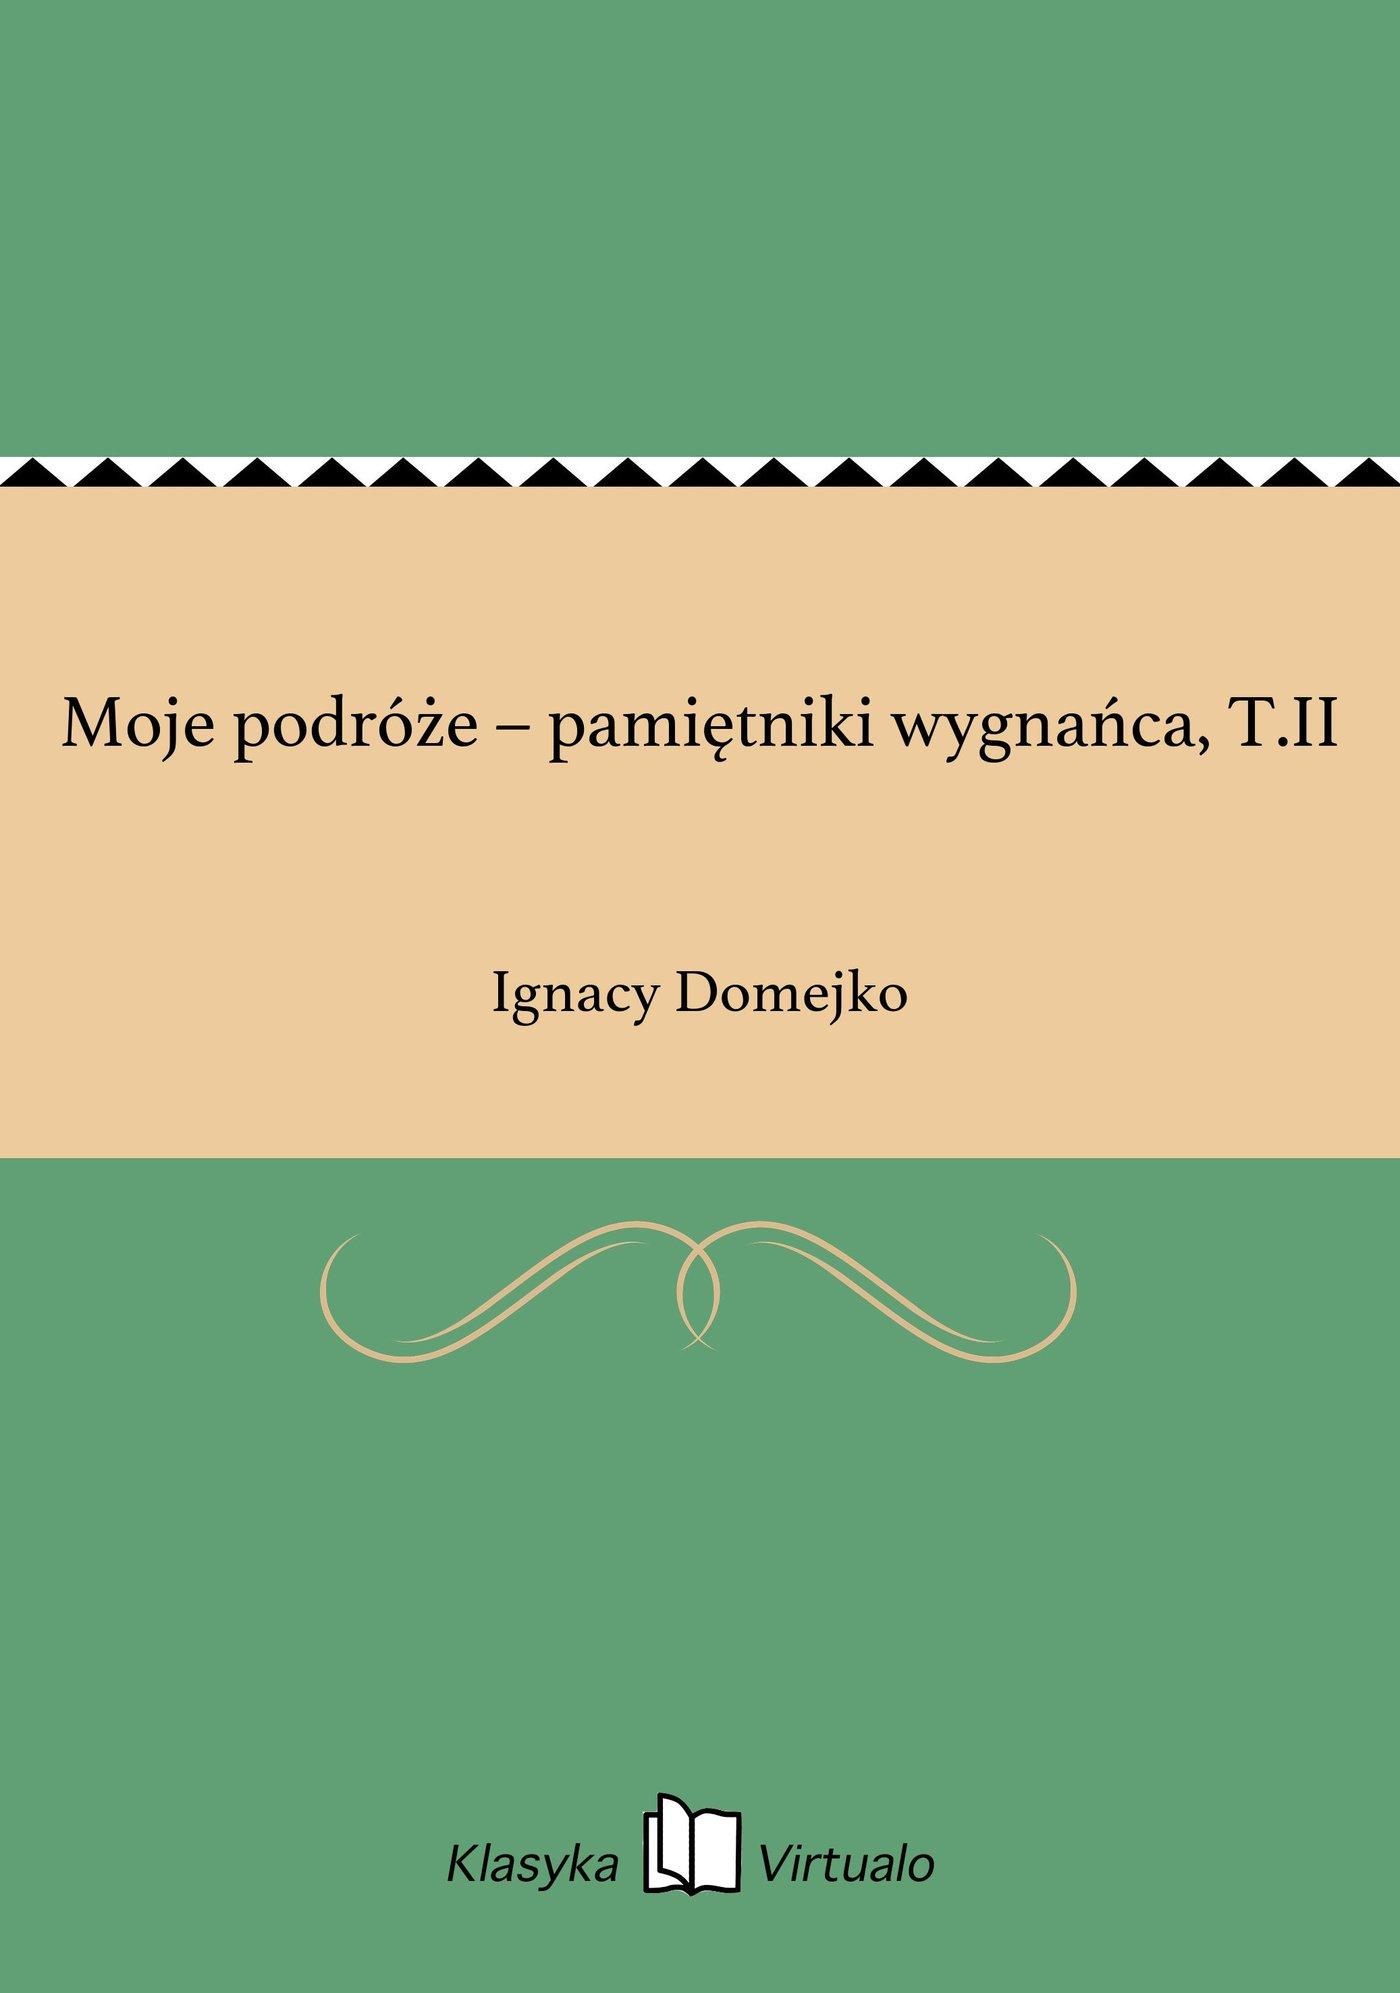 Moje podróże – pamiętniki wygnańca, T.II - Ebook (Książka EPUB) do pobrania w formacie EPUB